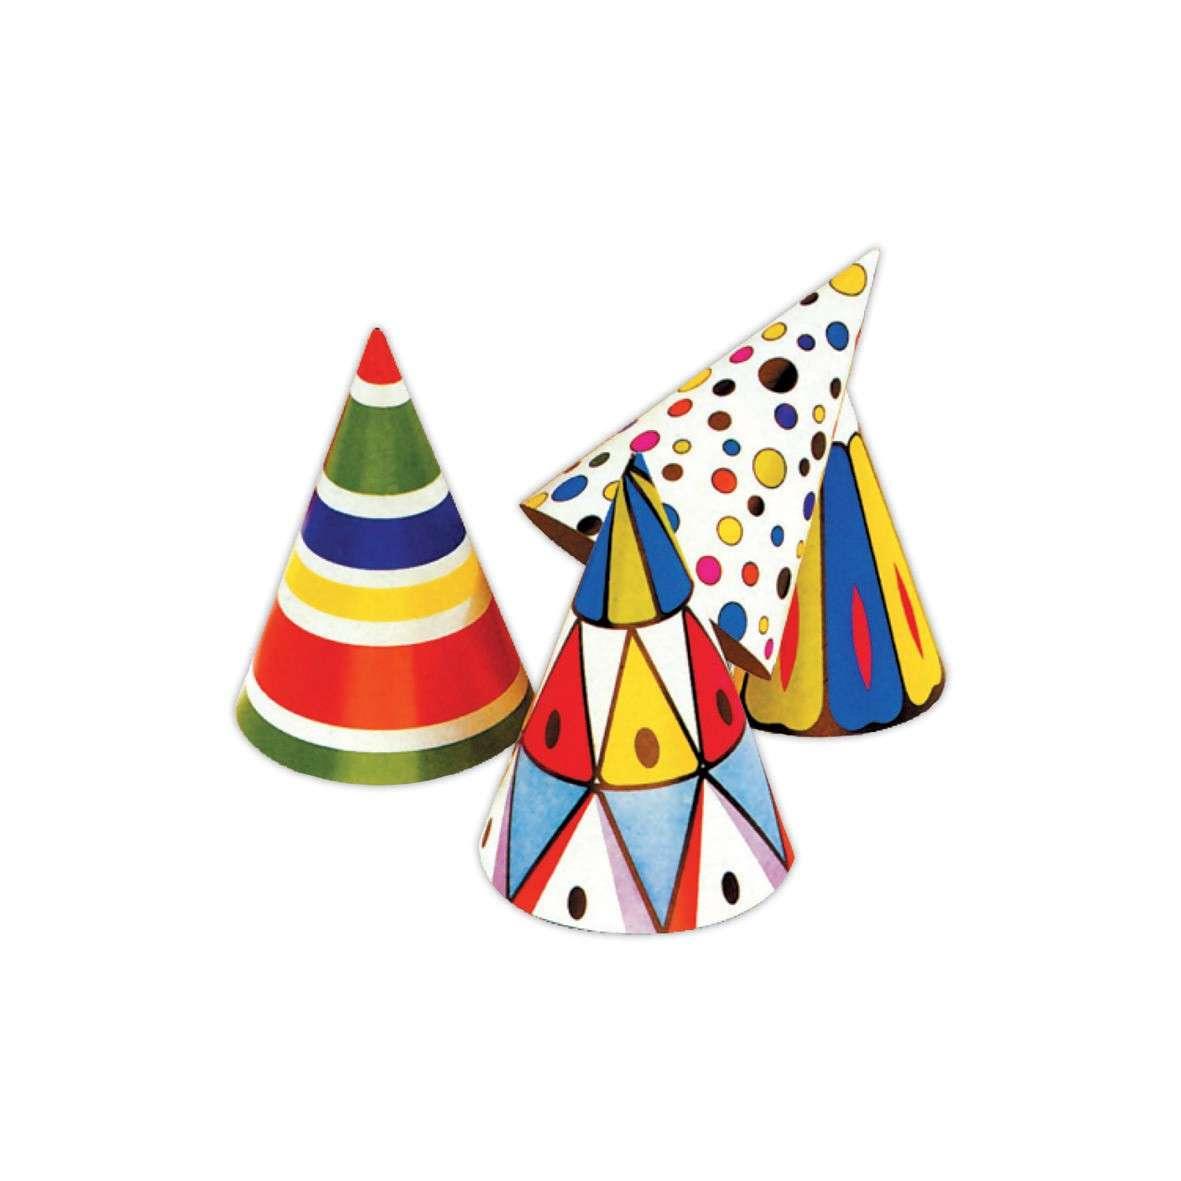 Lavoretti di Carnevale facili per bambini piccoli [FOTO]